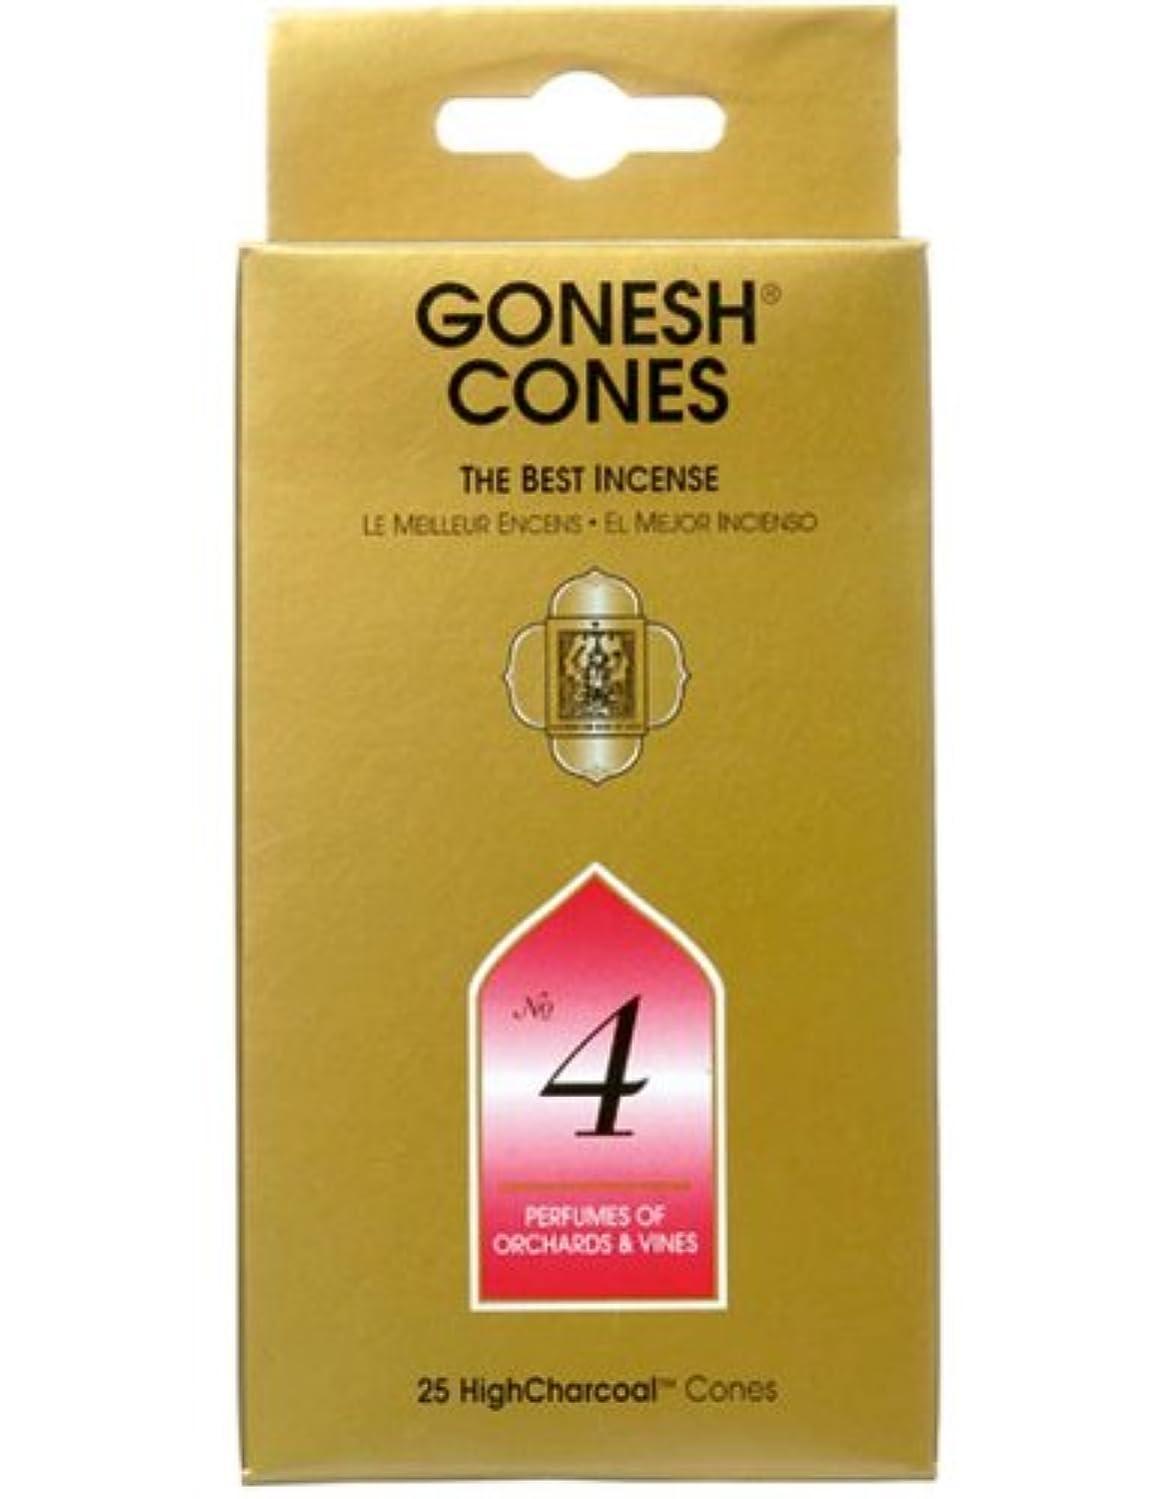 行う恥ずかしさアイデアガーネッシュ(GONESH) ナンバー インセンス コーン No.4 25個入(お香)